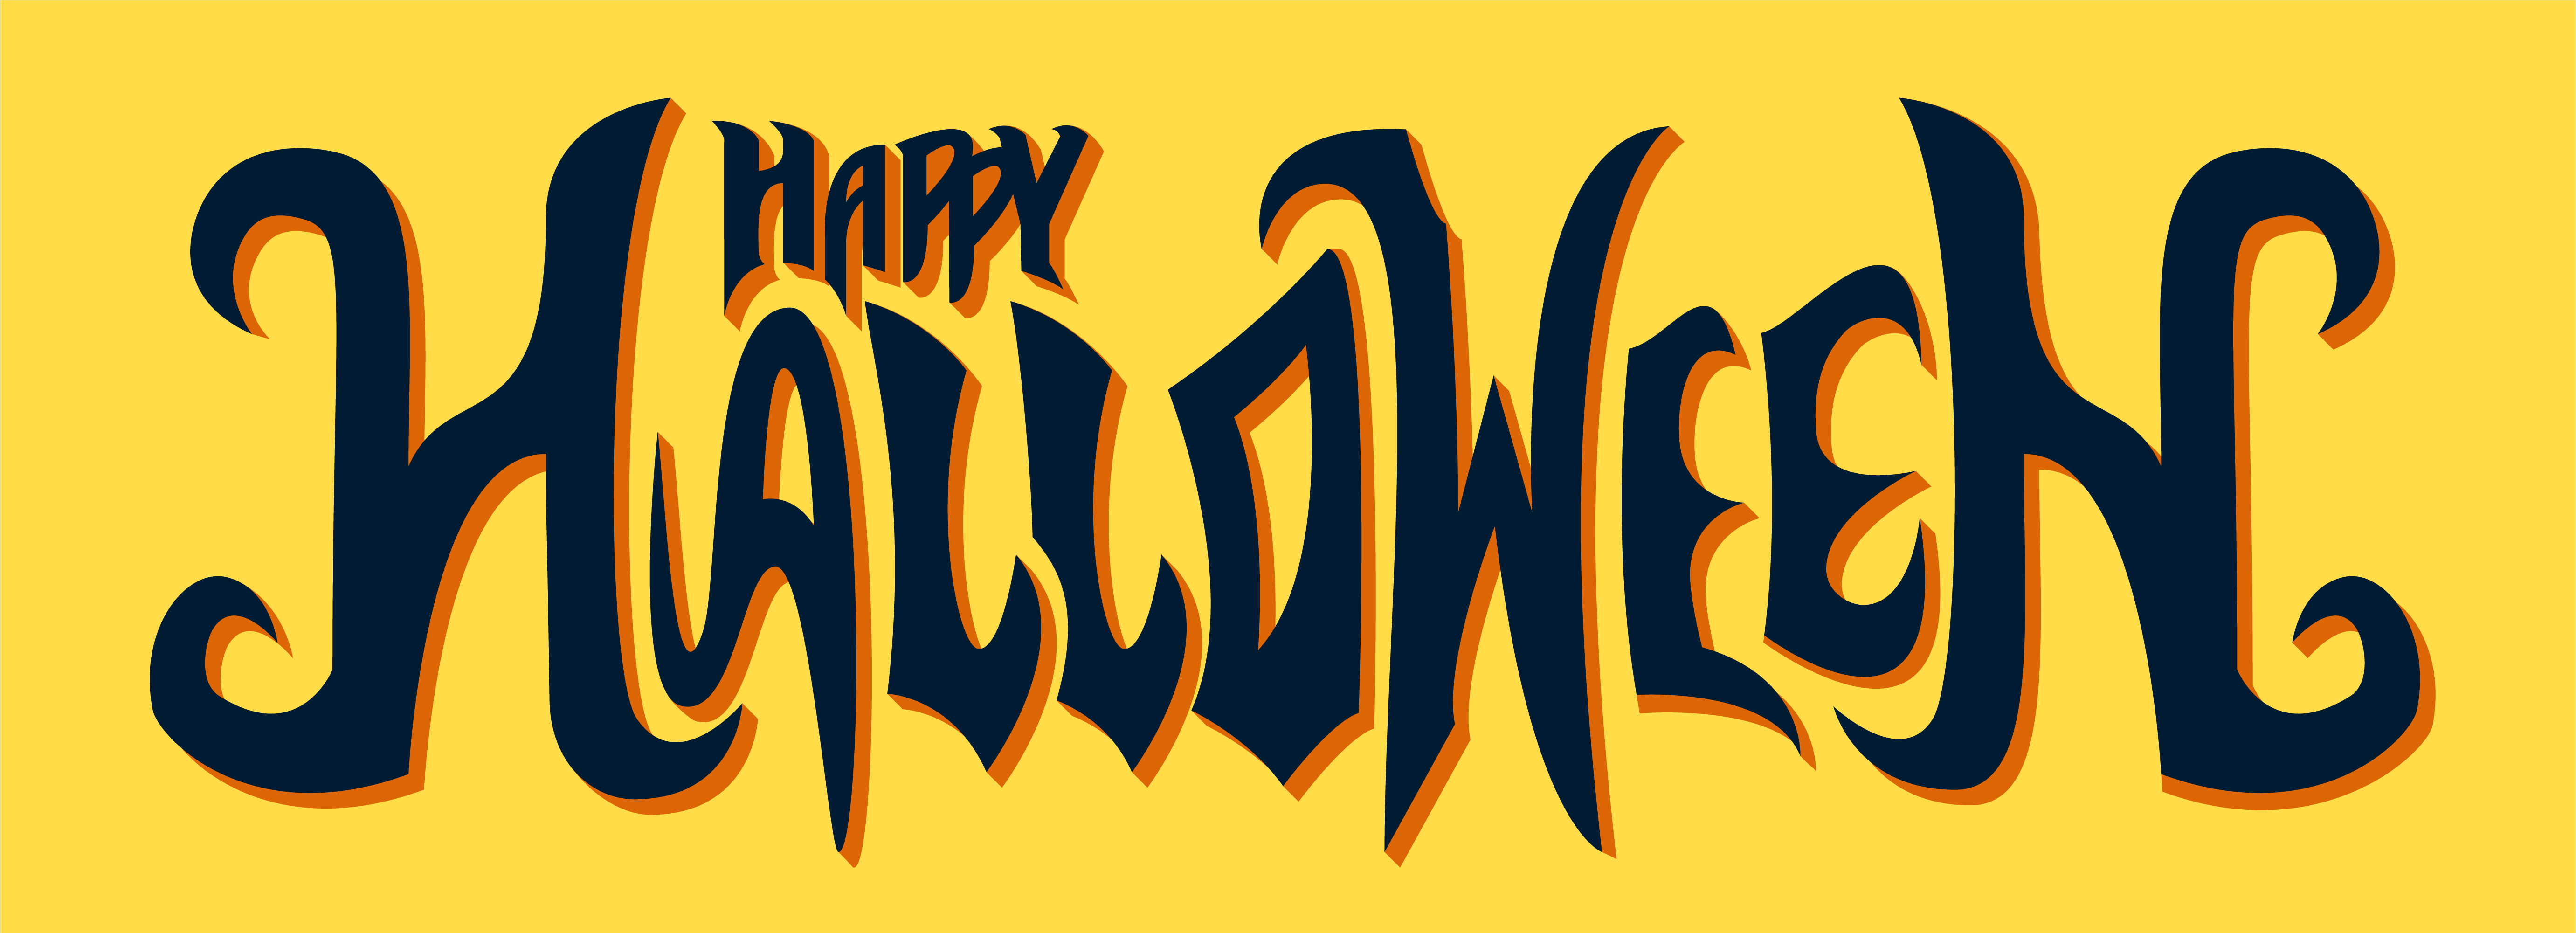 Happy Halloween Text Design On Yellow Download Free Vectors Clipart Graphics Vector Art